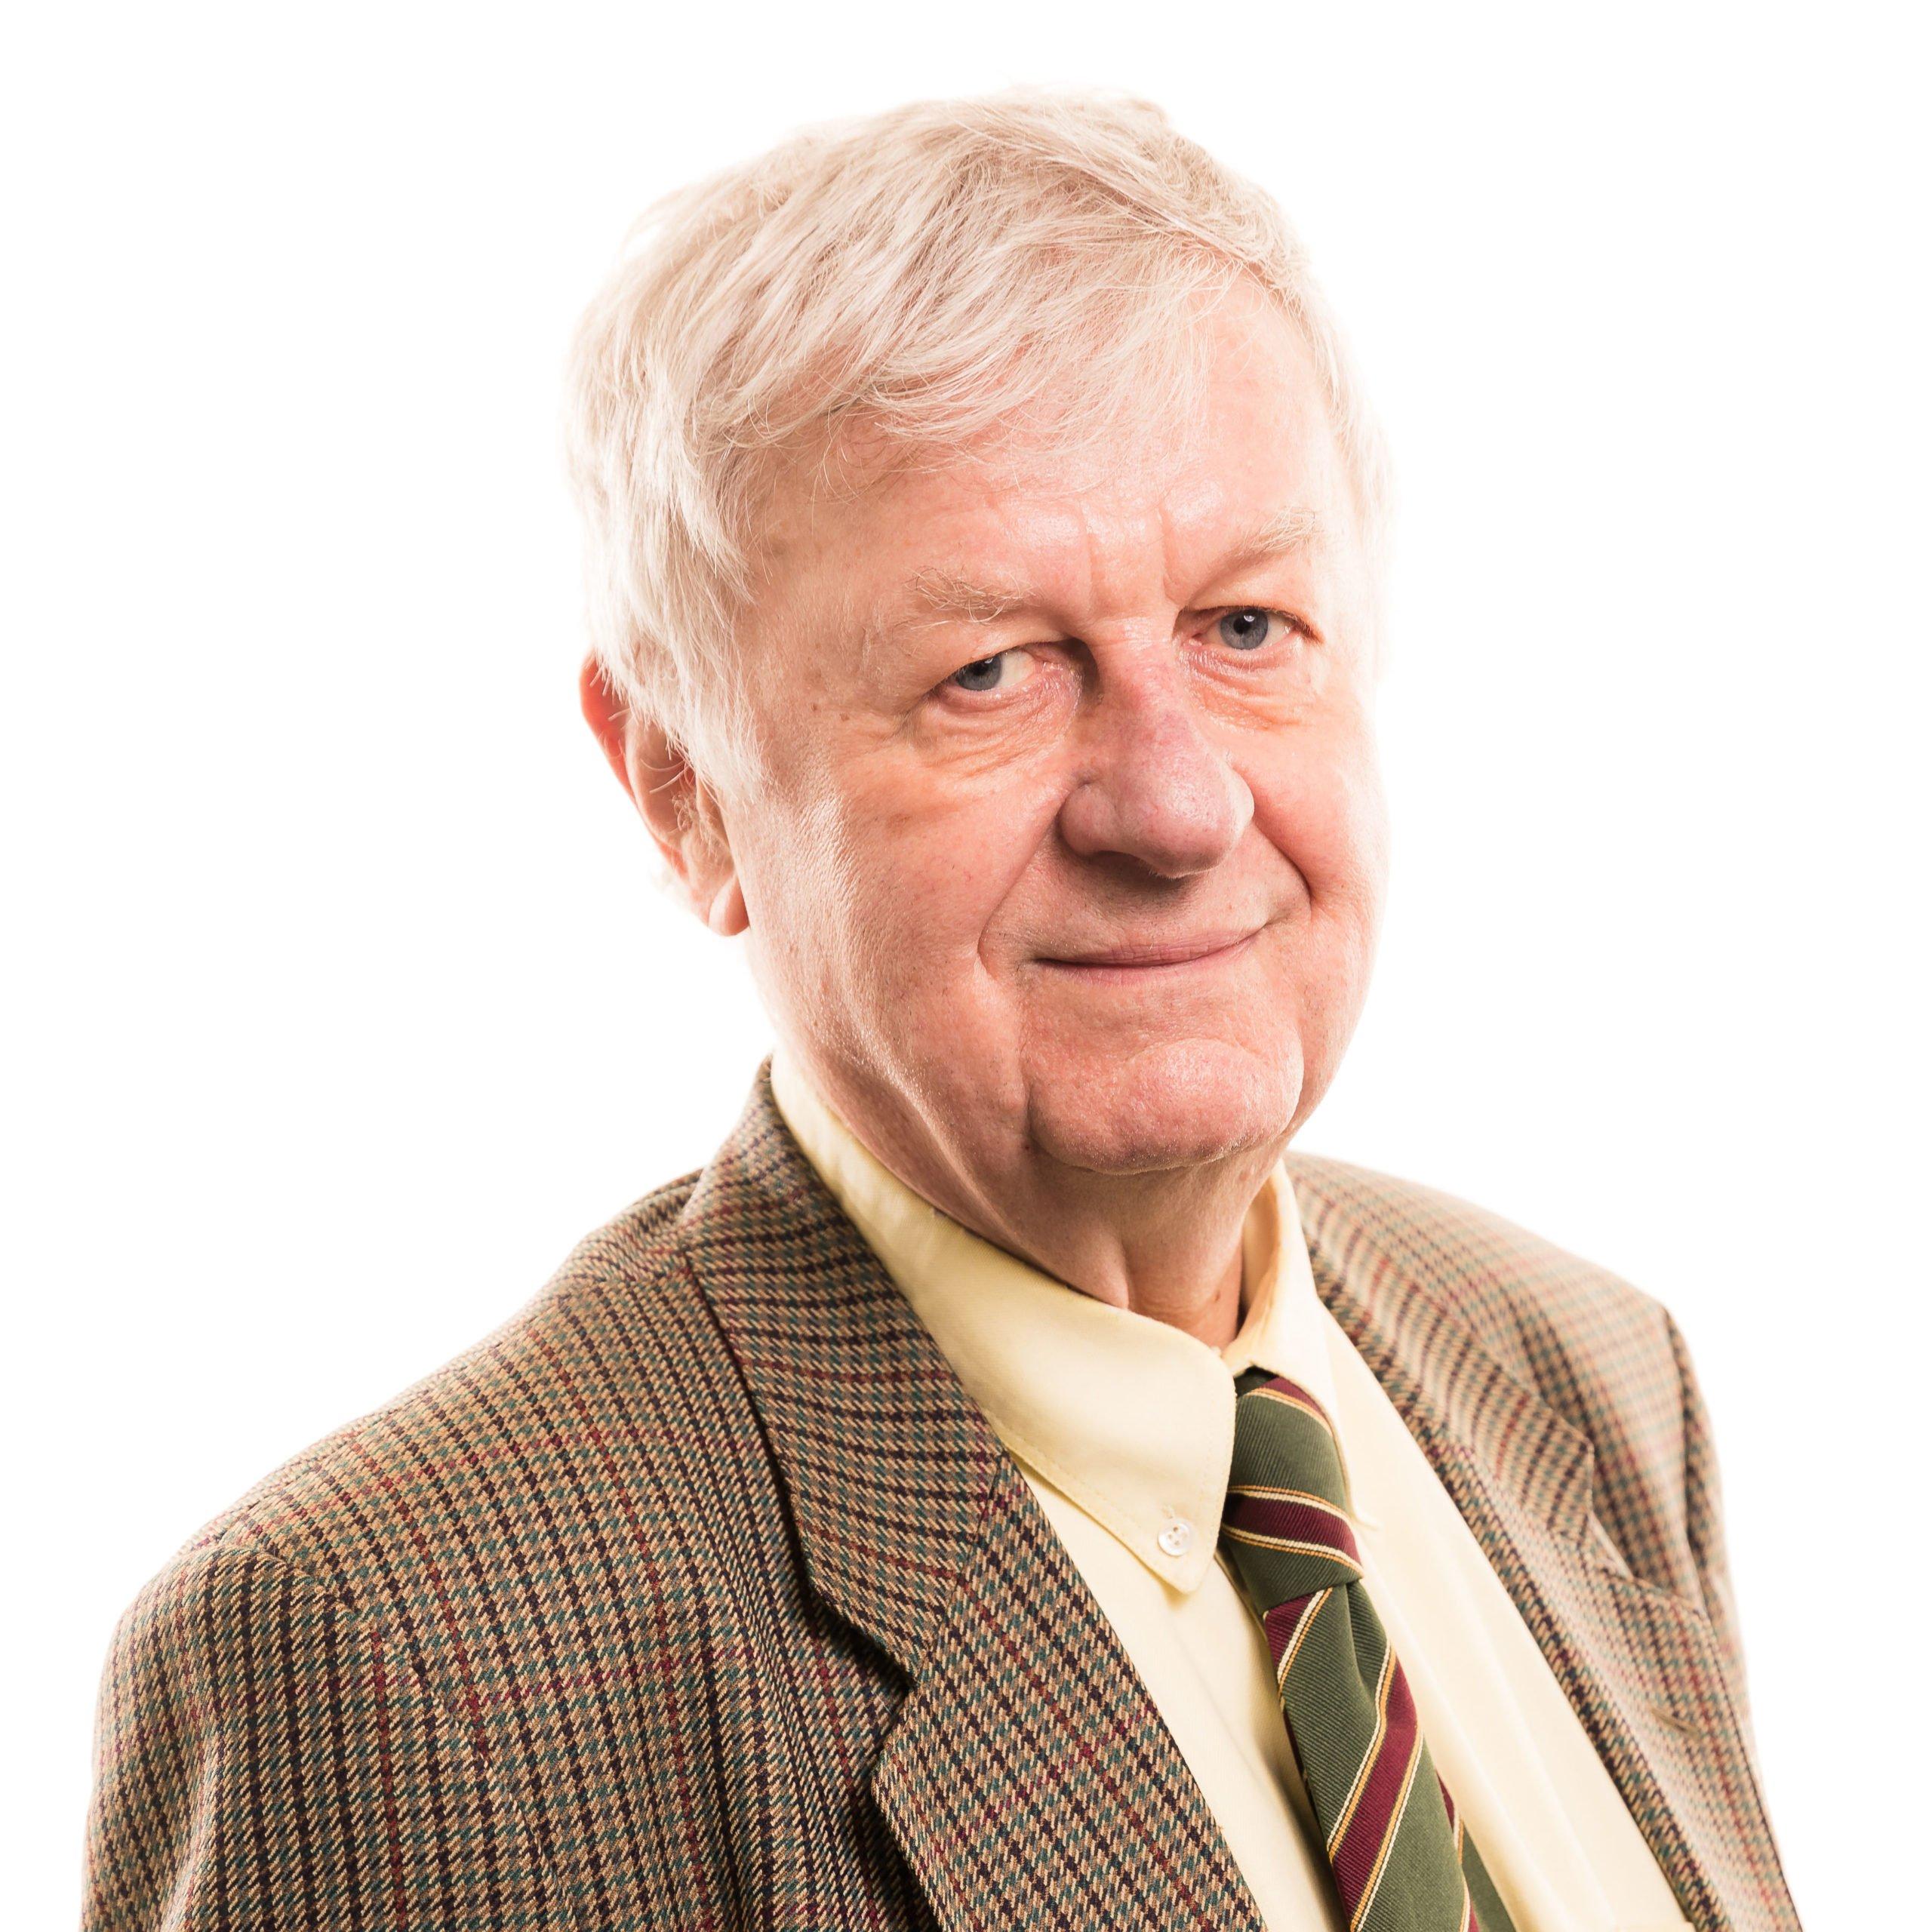 Botschafter Marc Otte